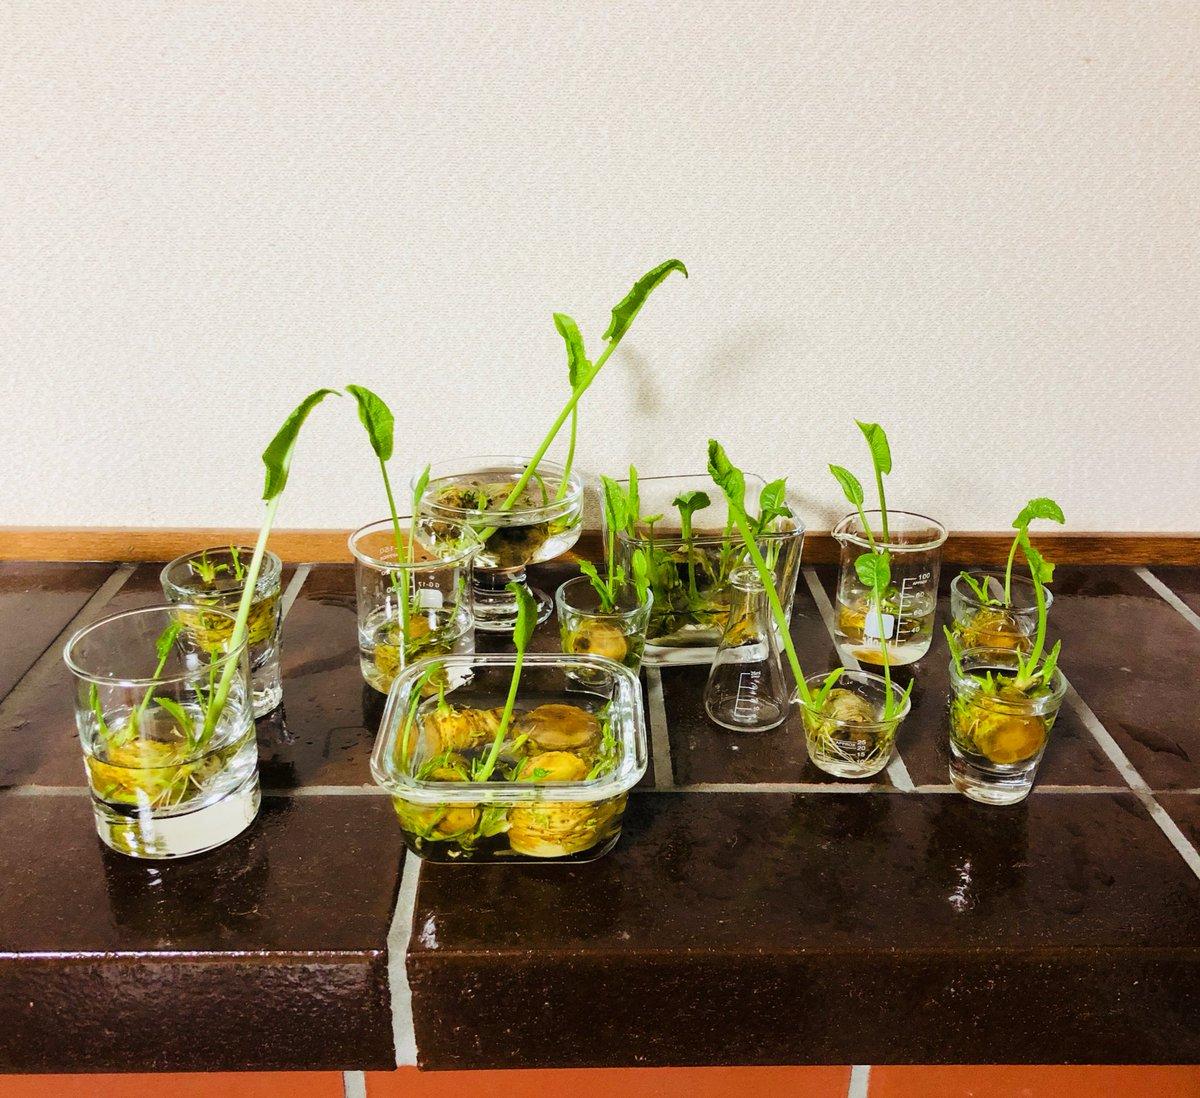 test ツイッターメディア - 増殖&成長中   #ホースラディッシュ #山わさび #ダイソー #水耕栽培 #水栽培 https://t.co/8tNlg7dEgJ